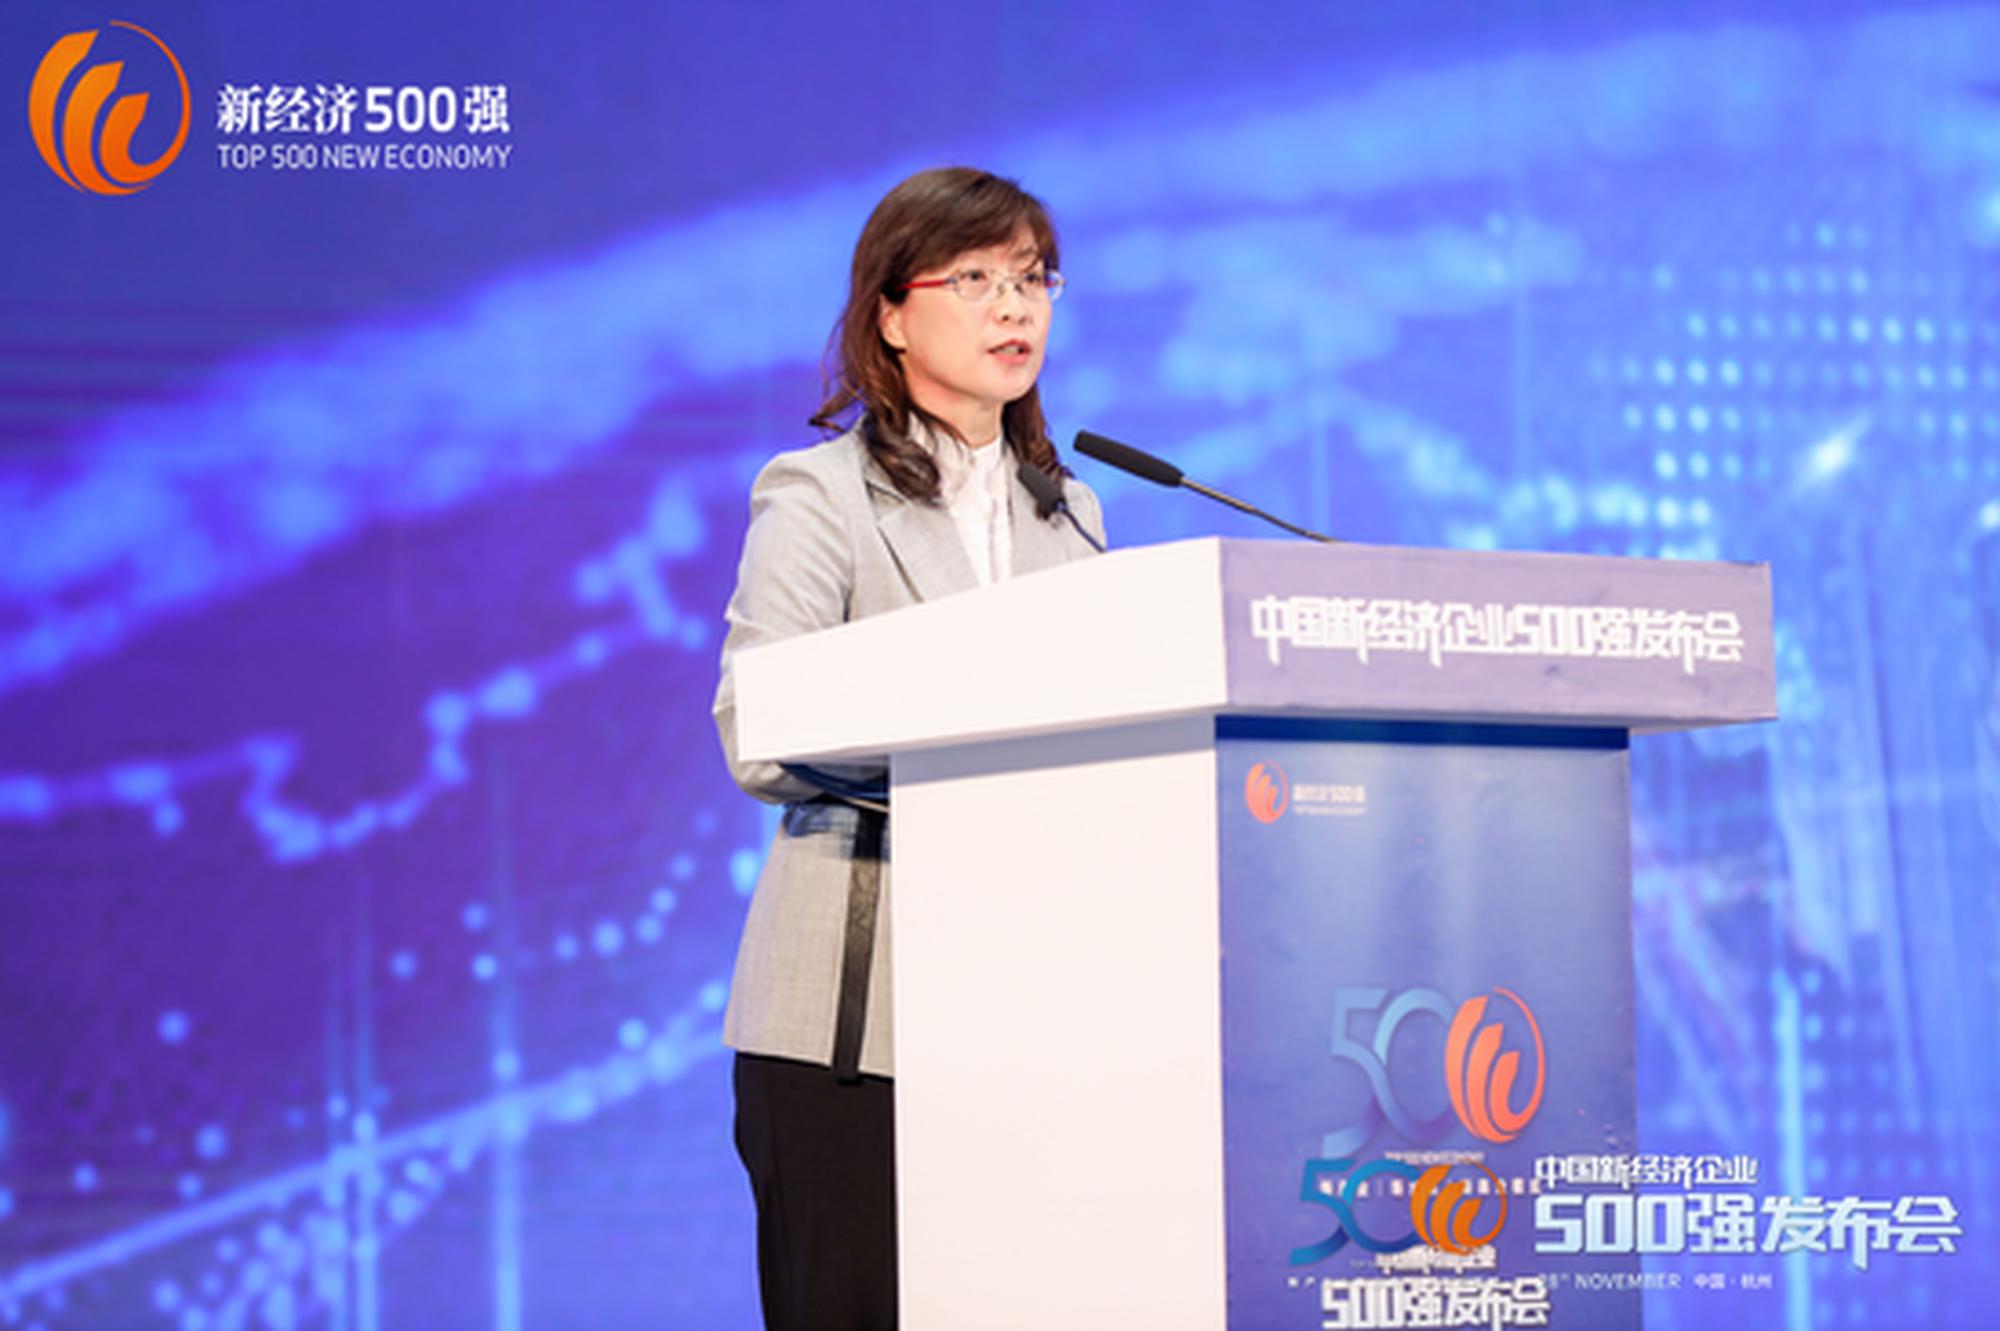 王春英:当前我国外汇市场总体稳定 为企业营造了良好的外汇环境